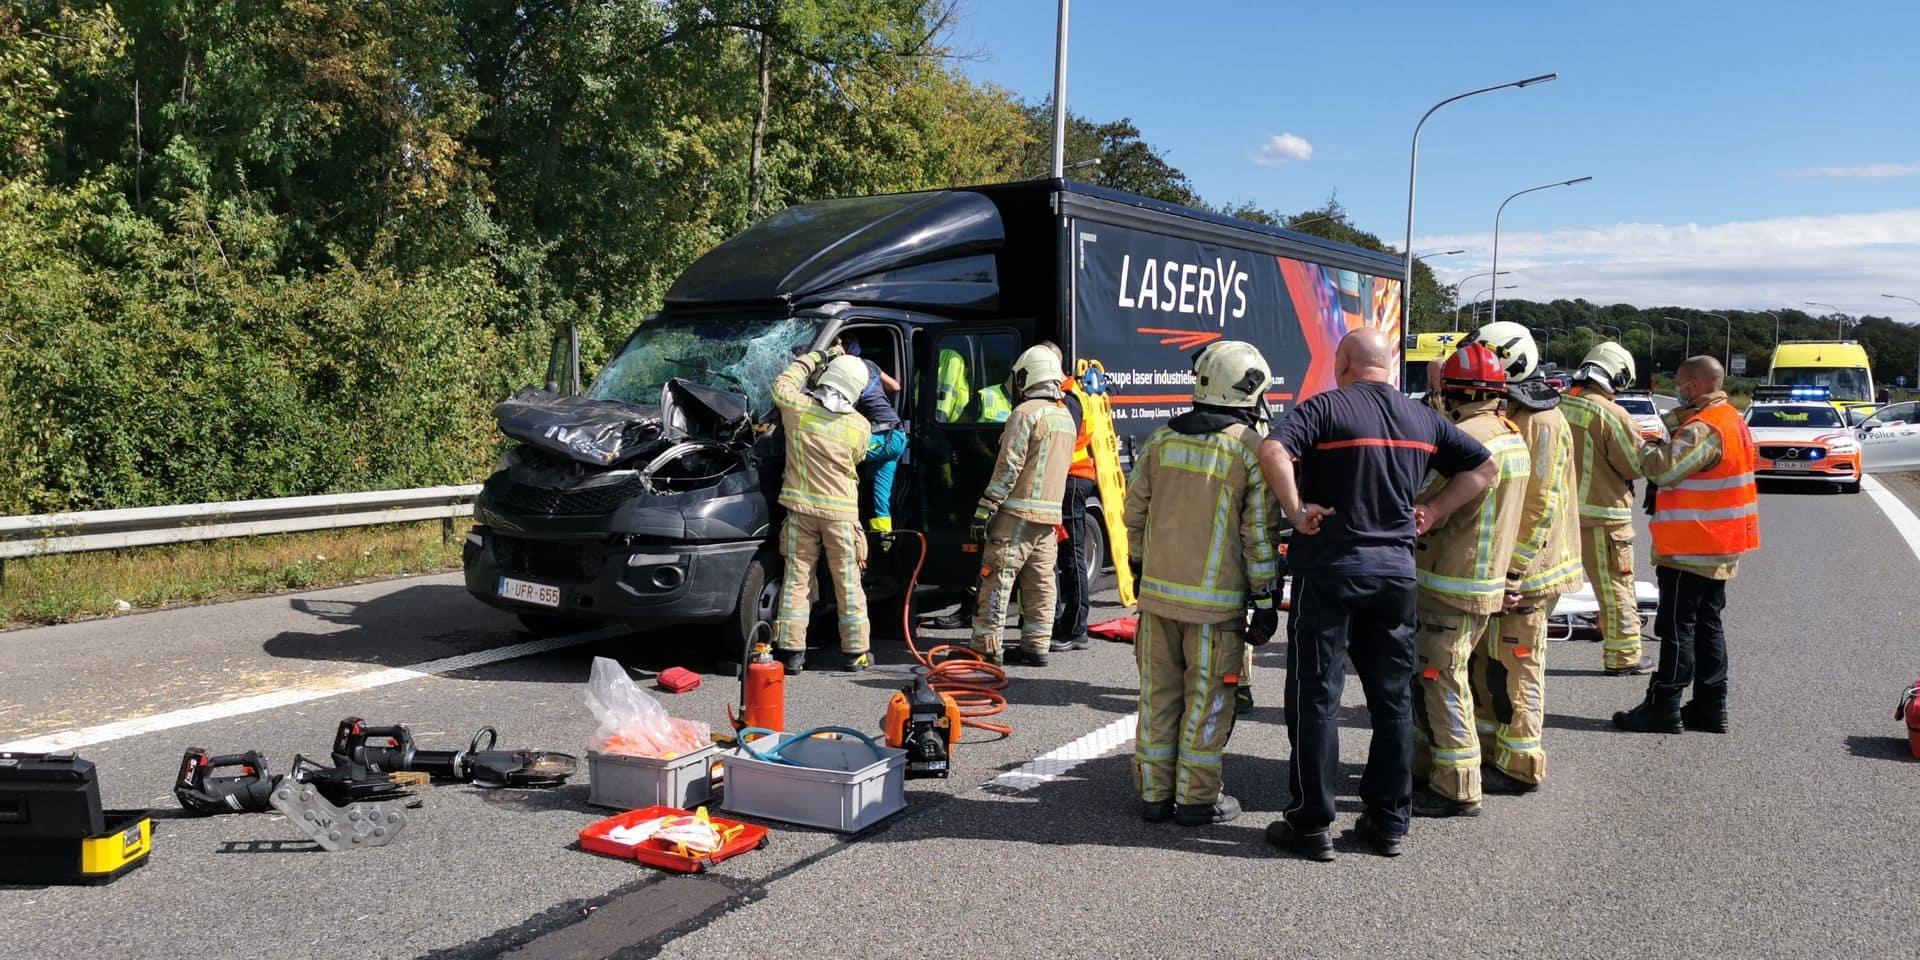 Autoroute fermée à Gosselies: un blessé dans un accident entre deux camions sur l'A54